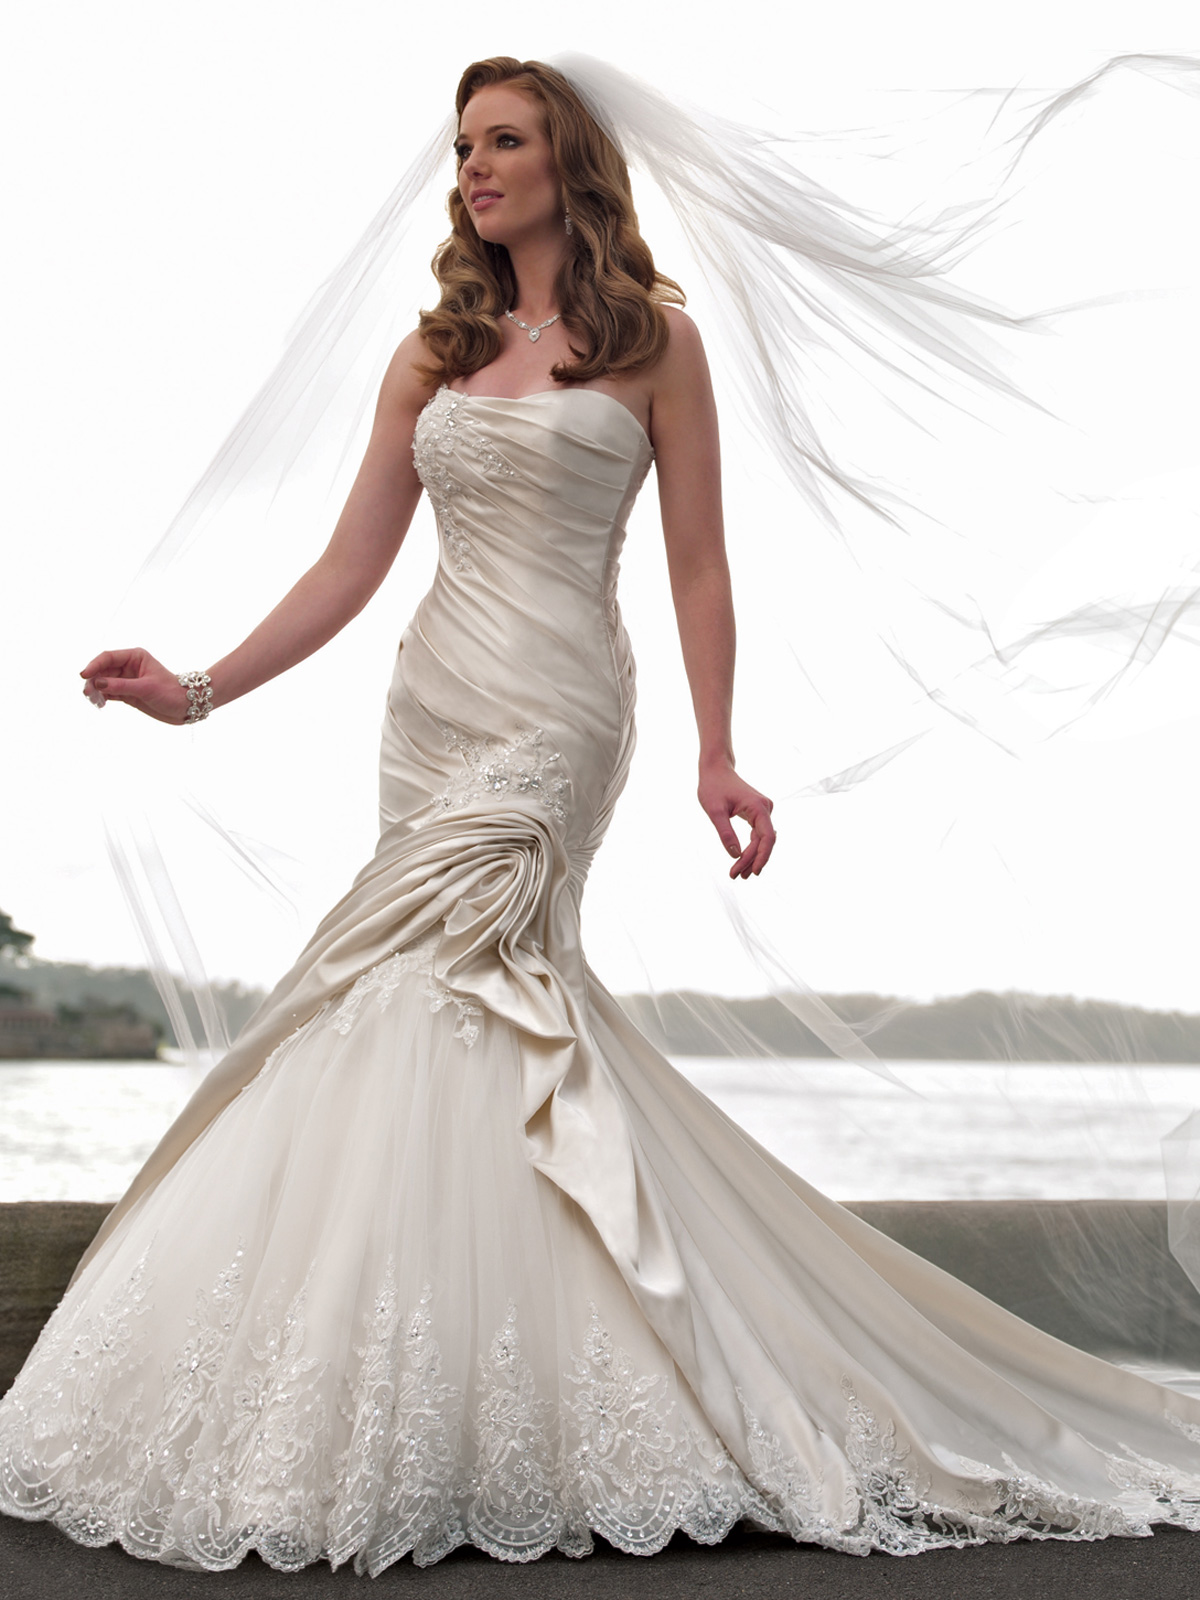 mermaid wedding dresses mermaid style wedding dress strapless mermaid wedding dress with lace